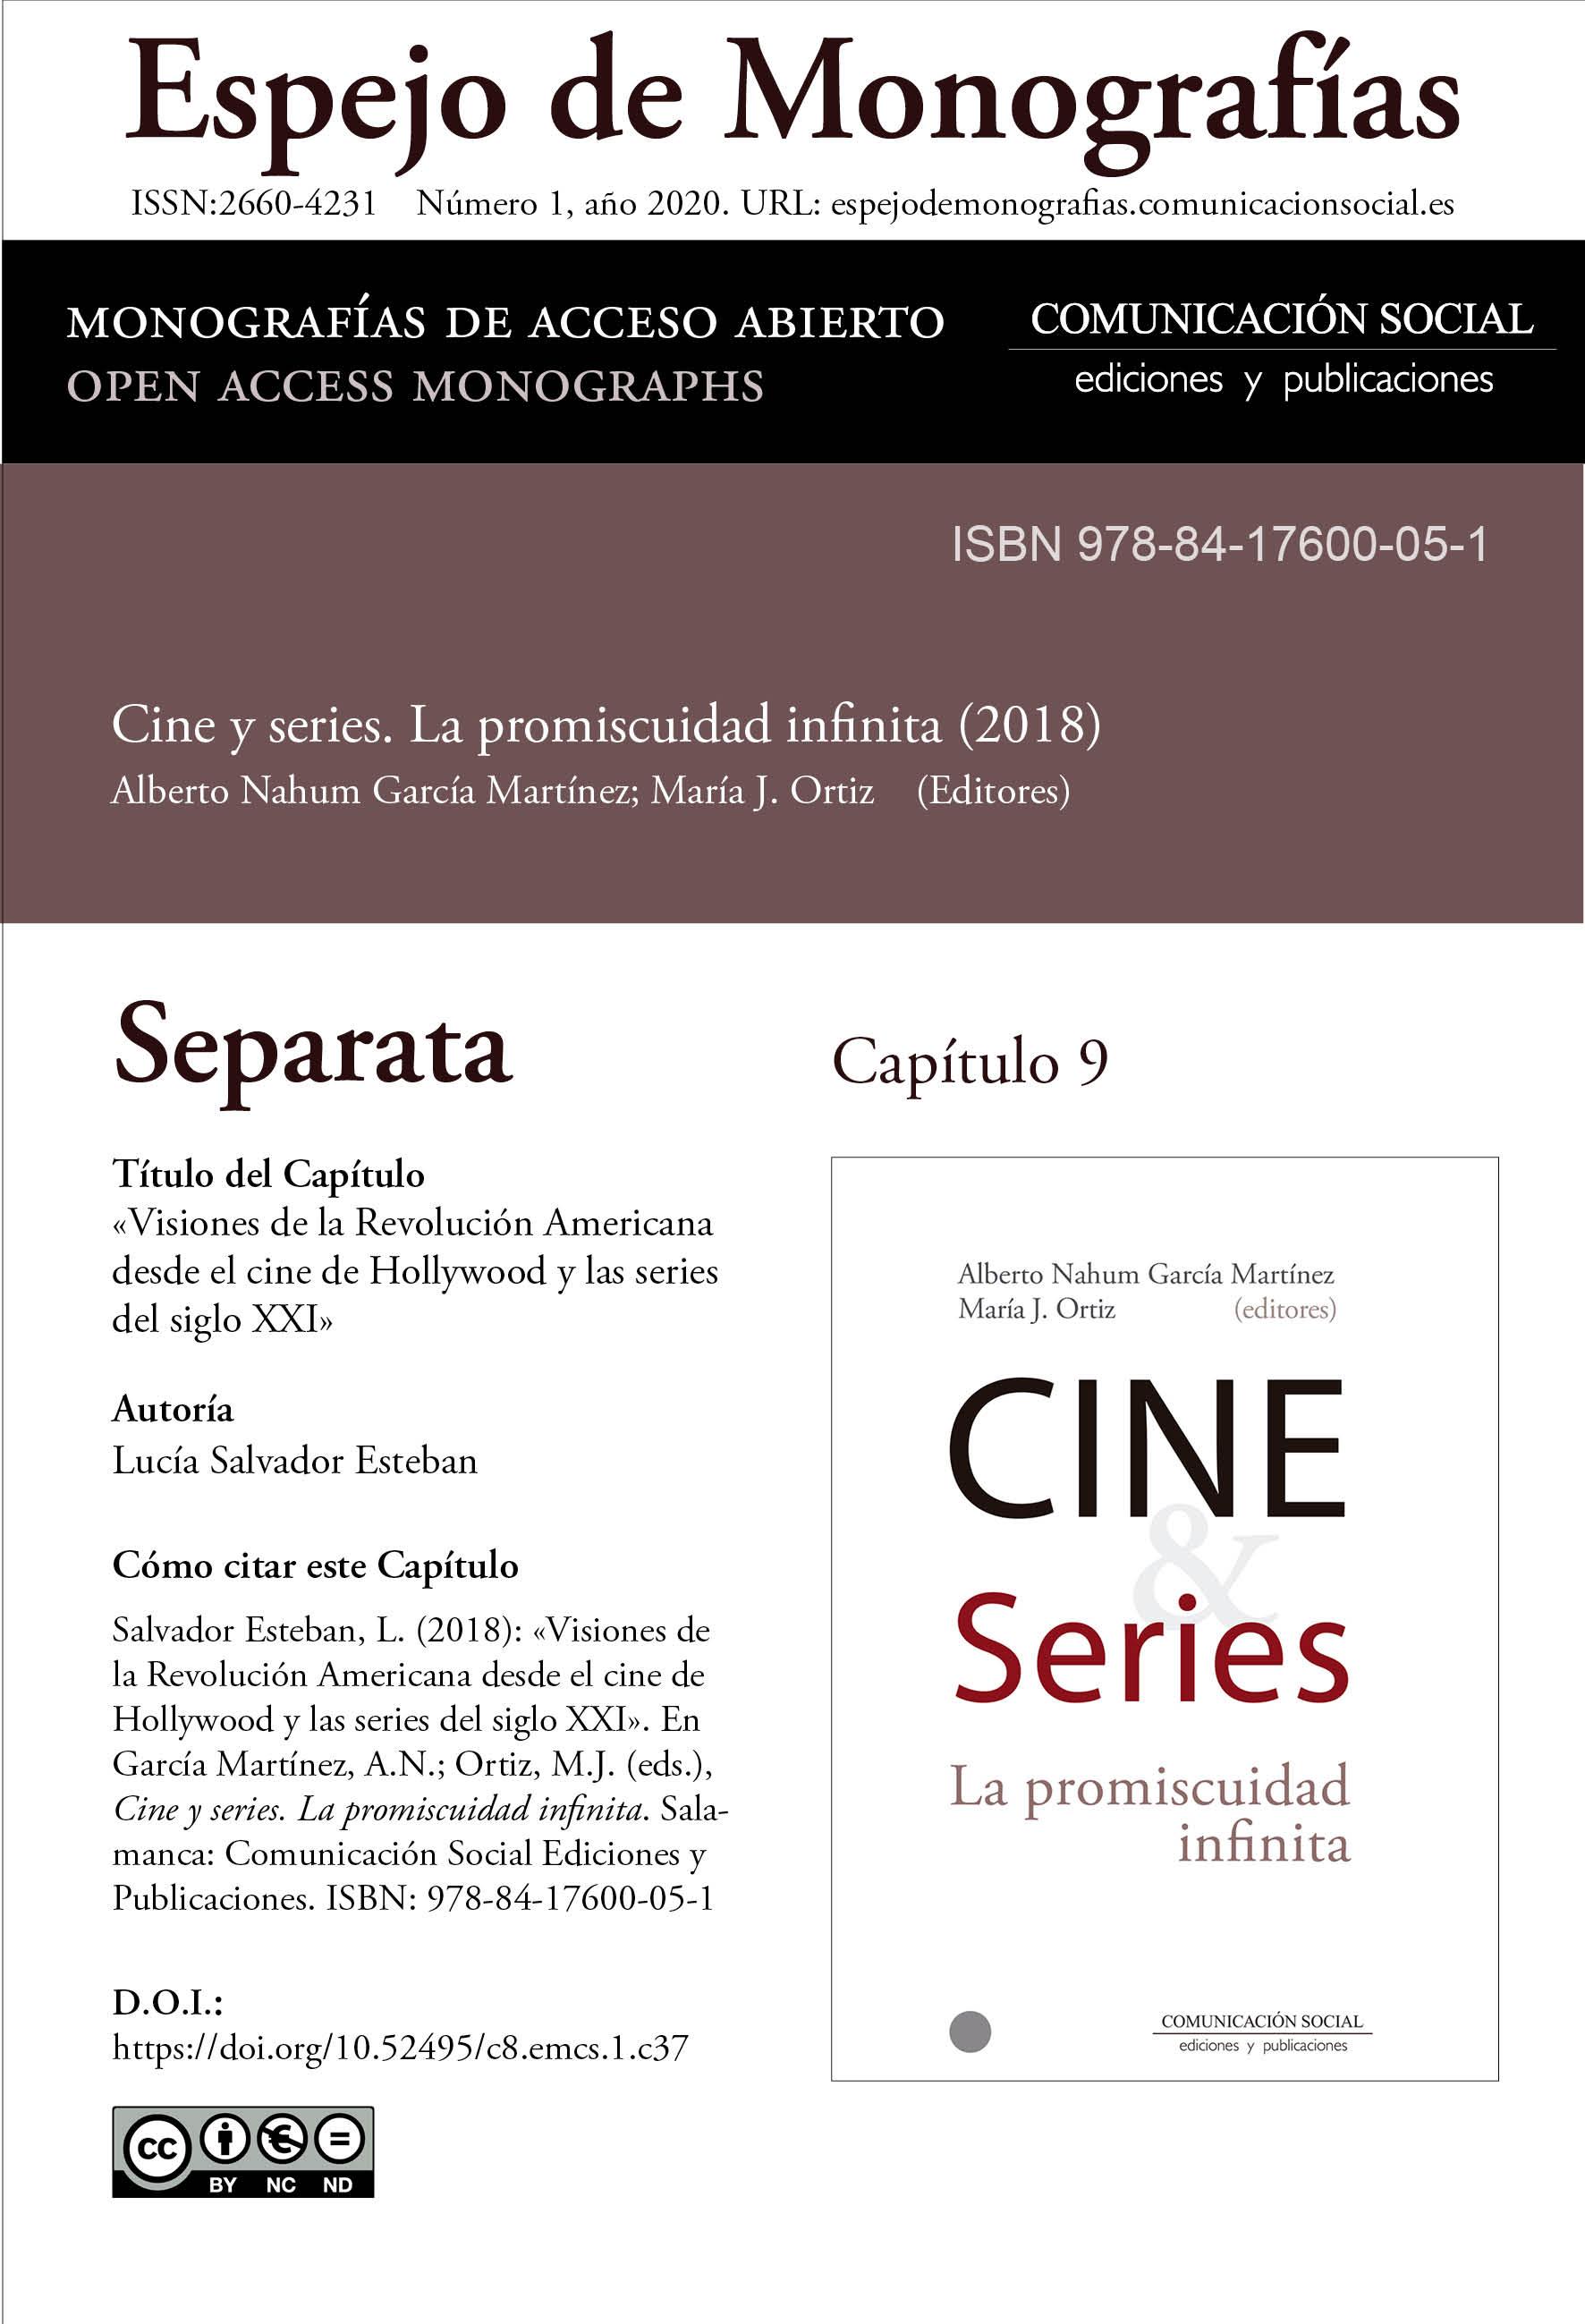 Separata del Capítulo 9 correspondiente a la monografía Cine y series: la promiscuidad infinita